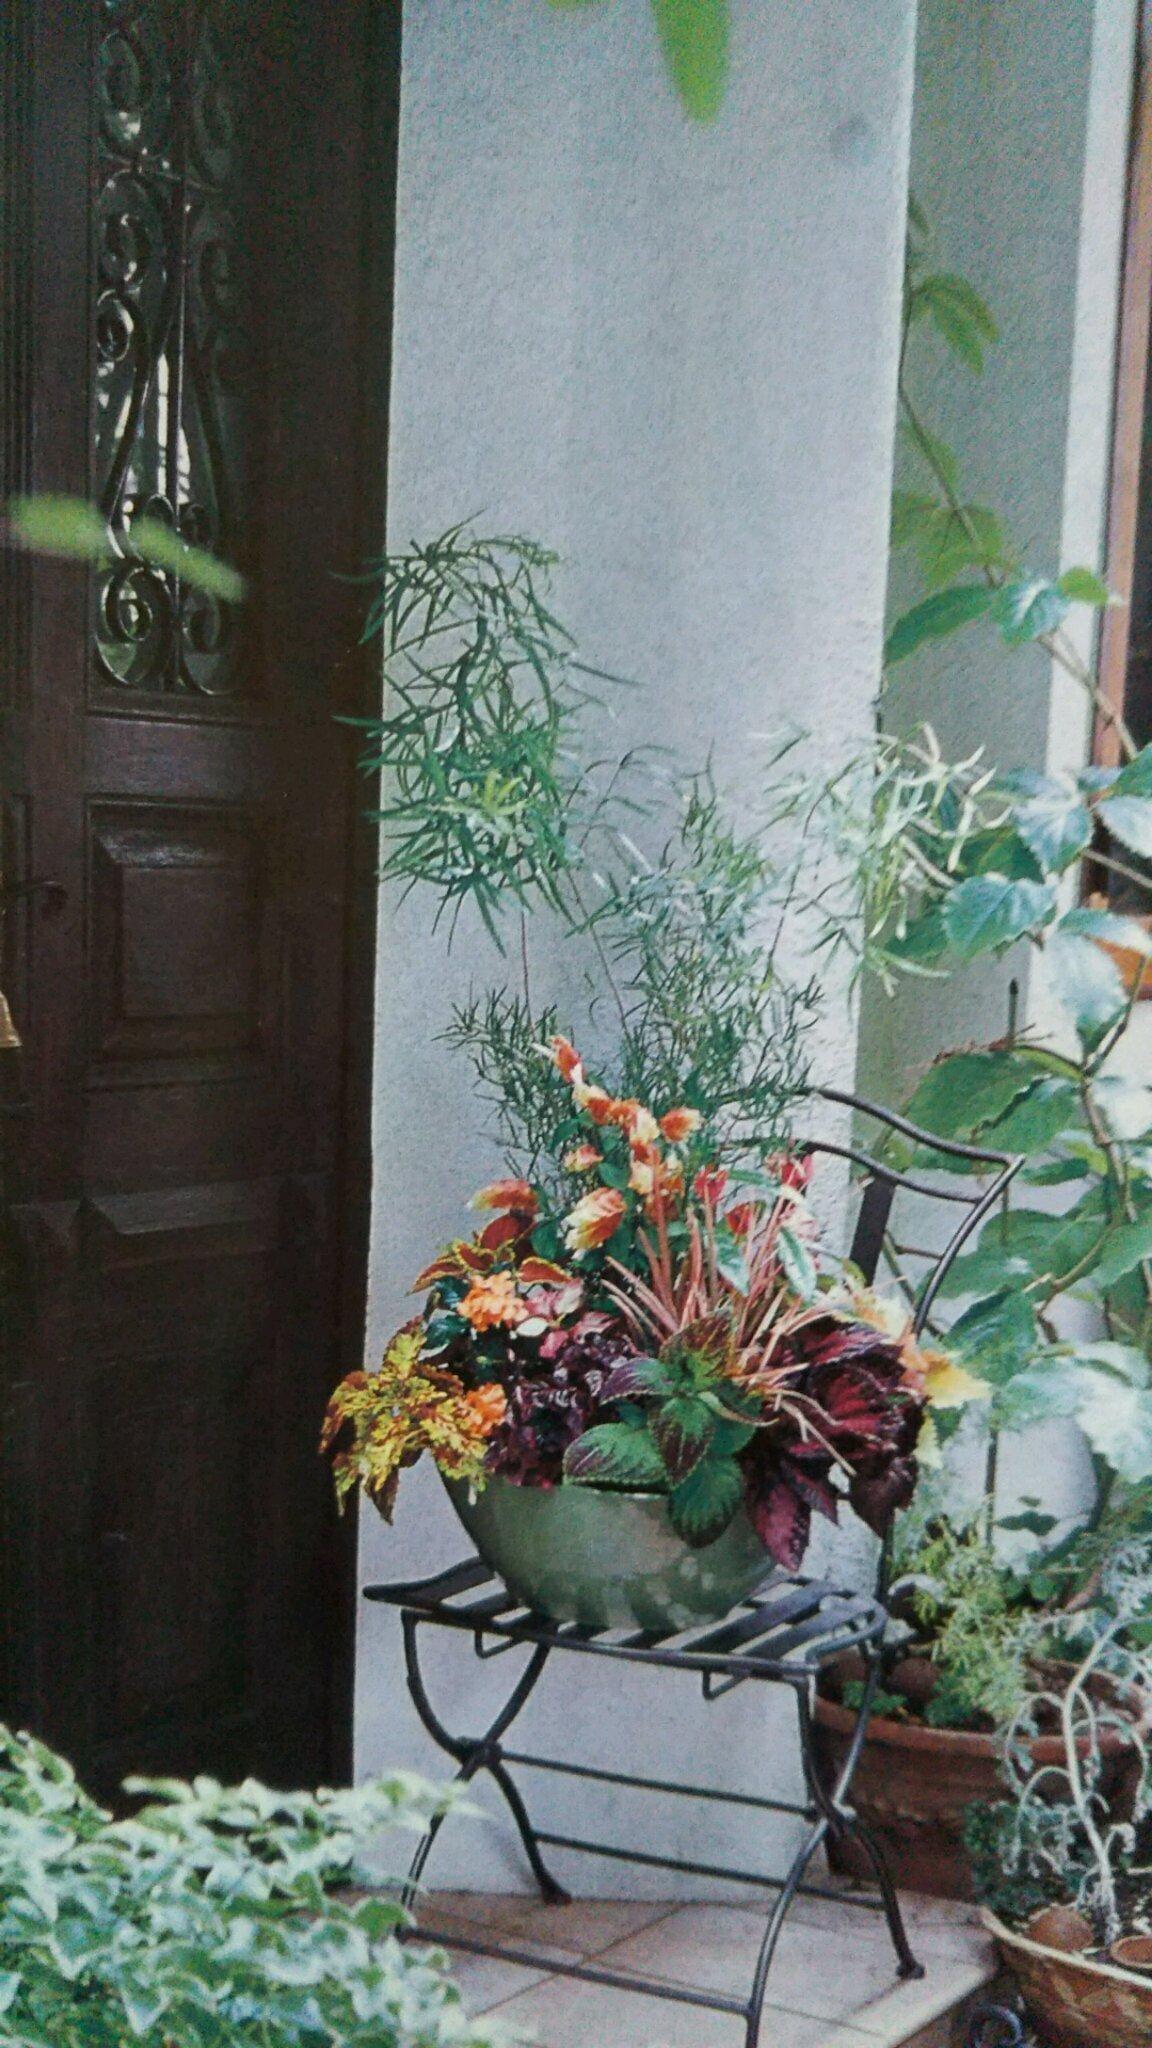 「お花が 大好き(^_^)v」08/27(月) 09:28 | けいこの写メ・風俗動画